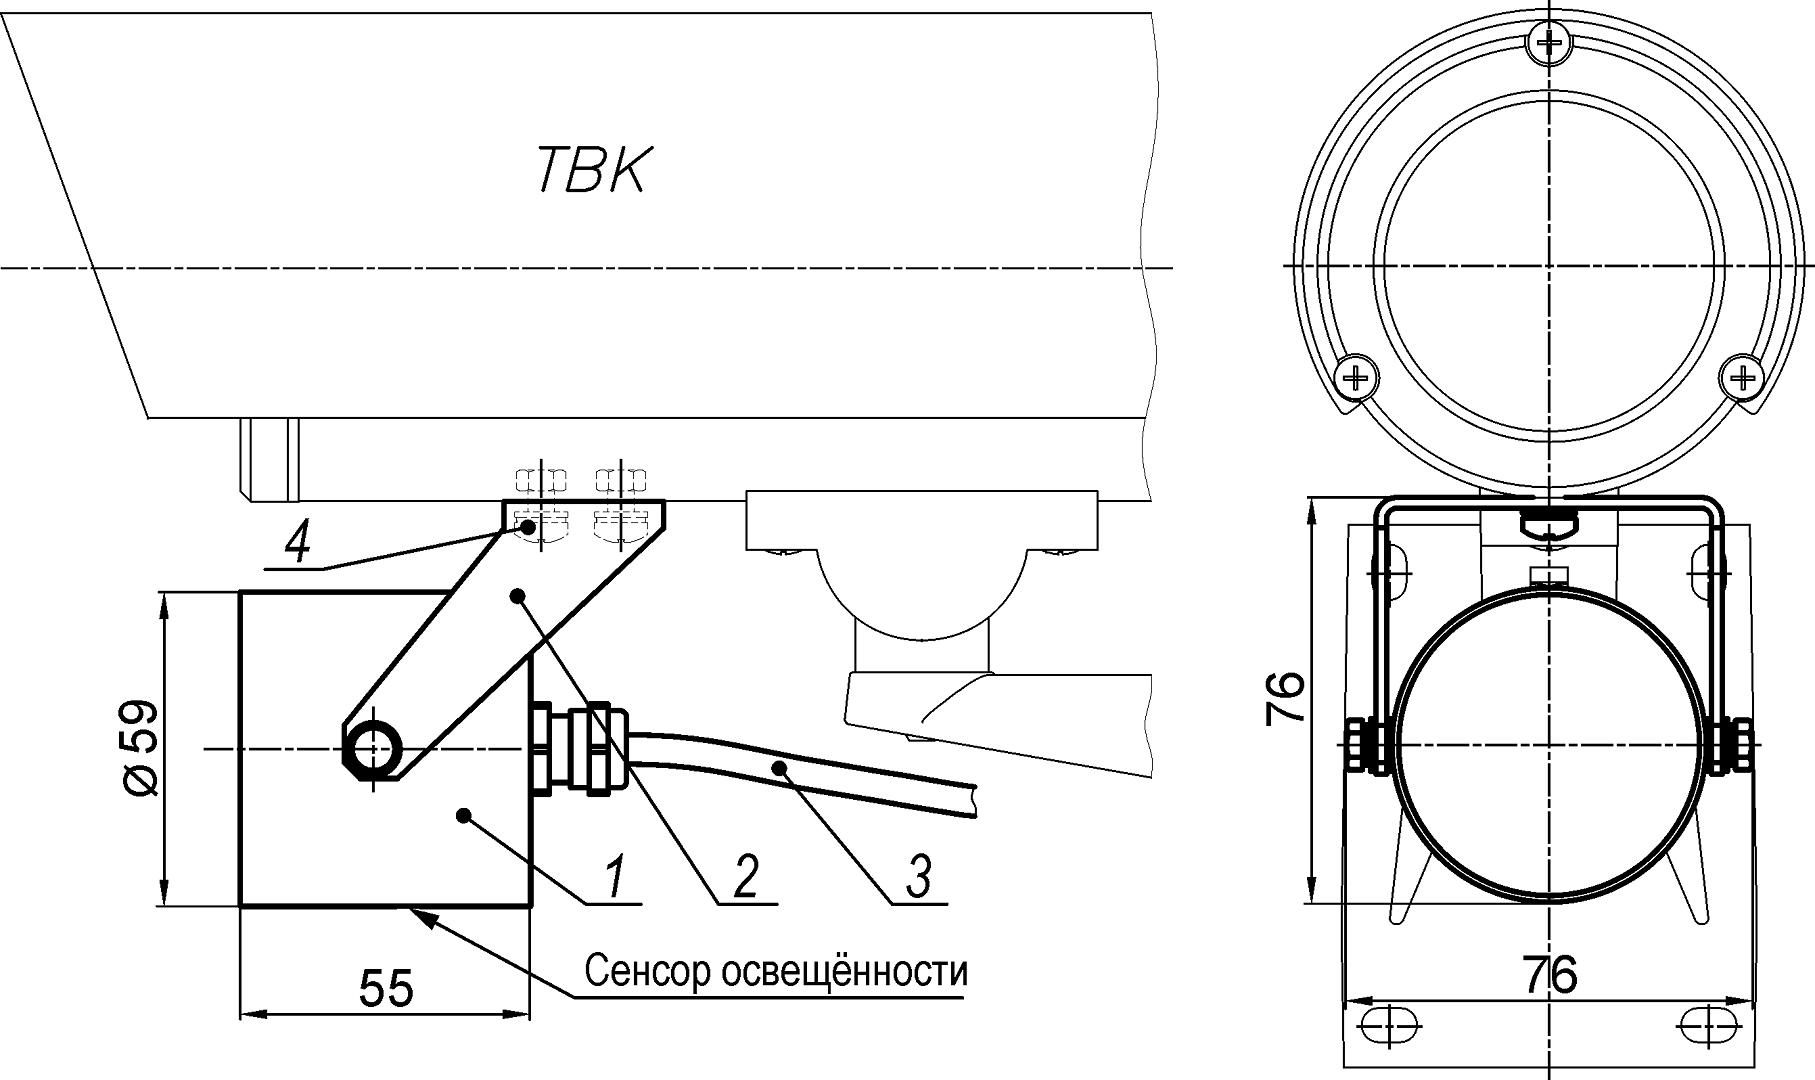 Габаритные размеры и состав прожекторы ПИП-30/20, ПИП-50/10